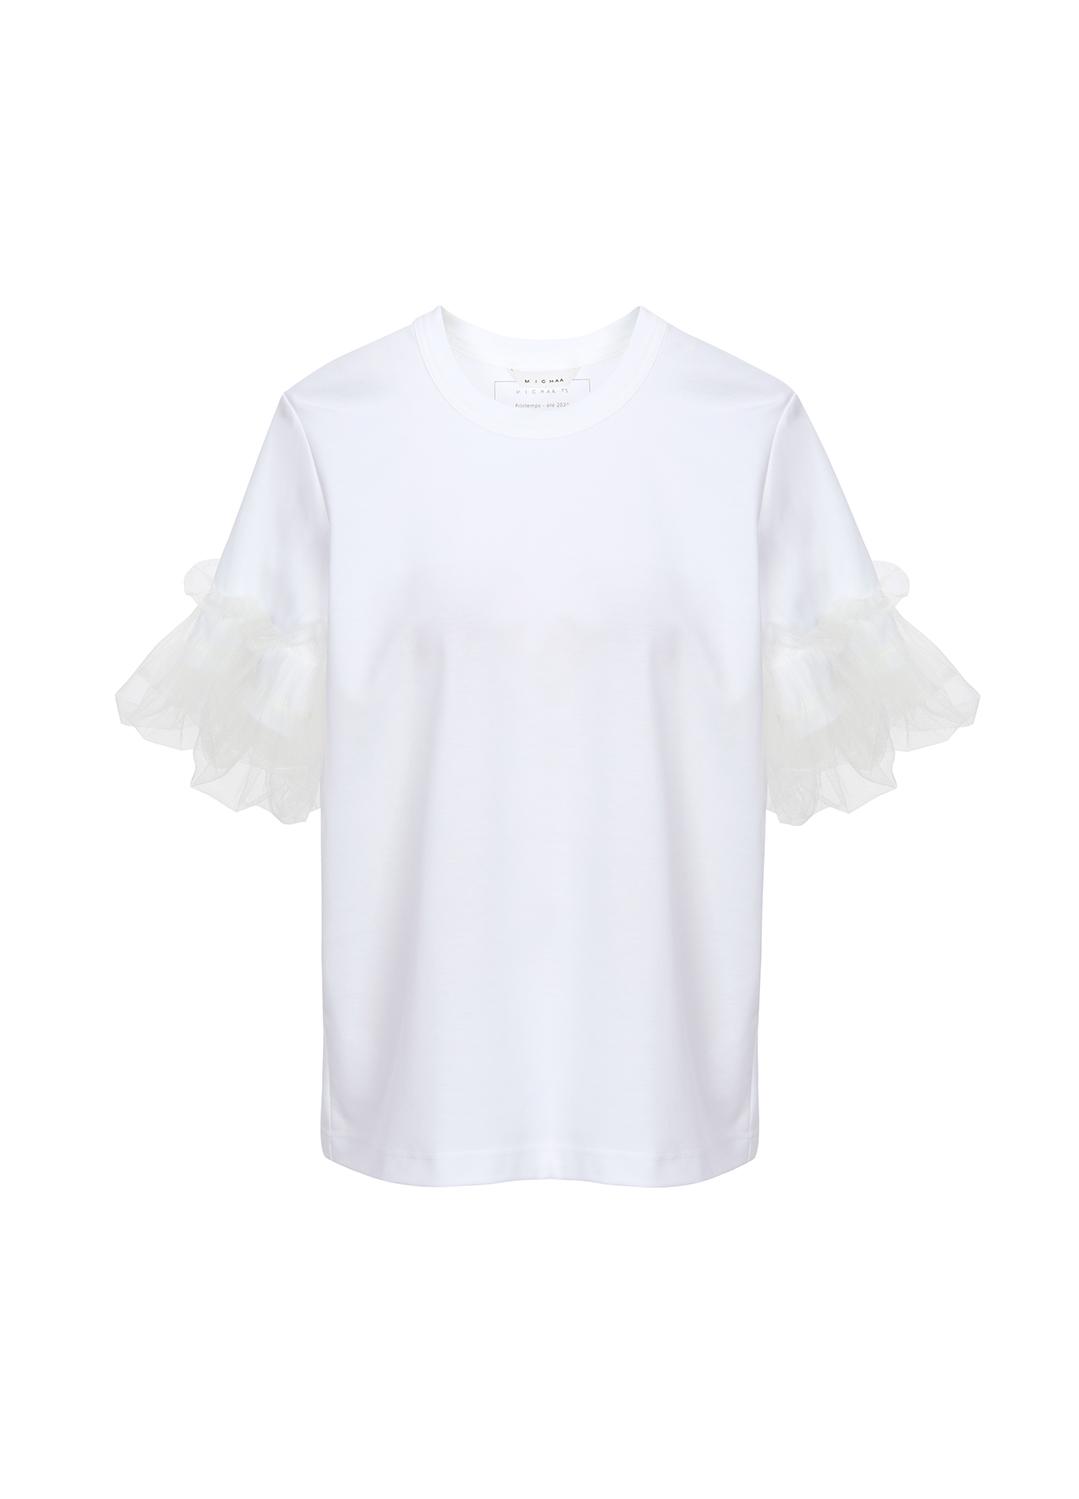 레이스 플레어 소매 포인트 티셔츠